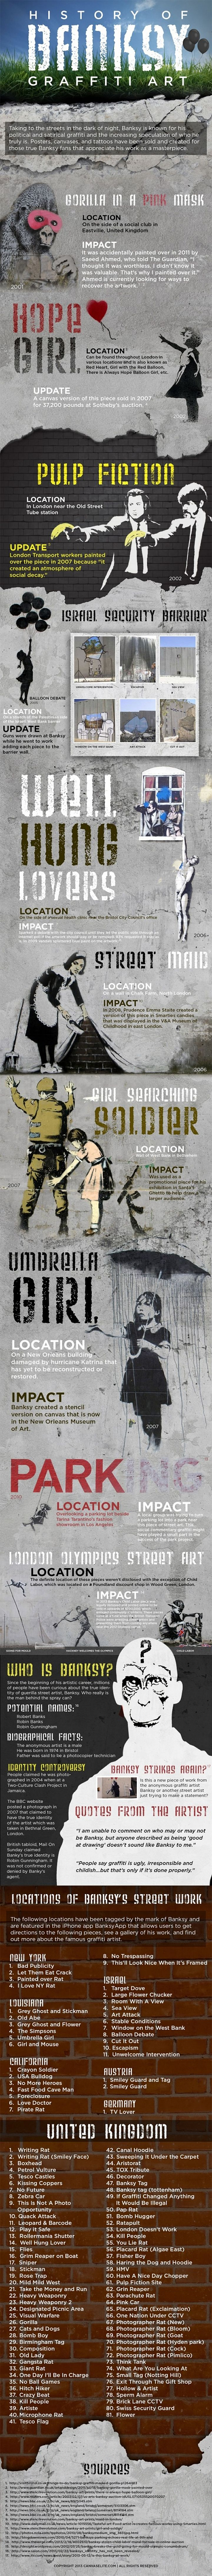 Infographie : L'histoire de Banksy - Olybop